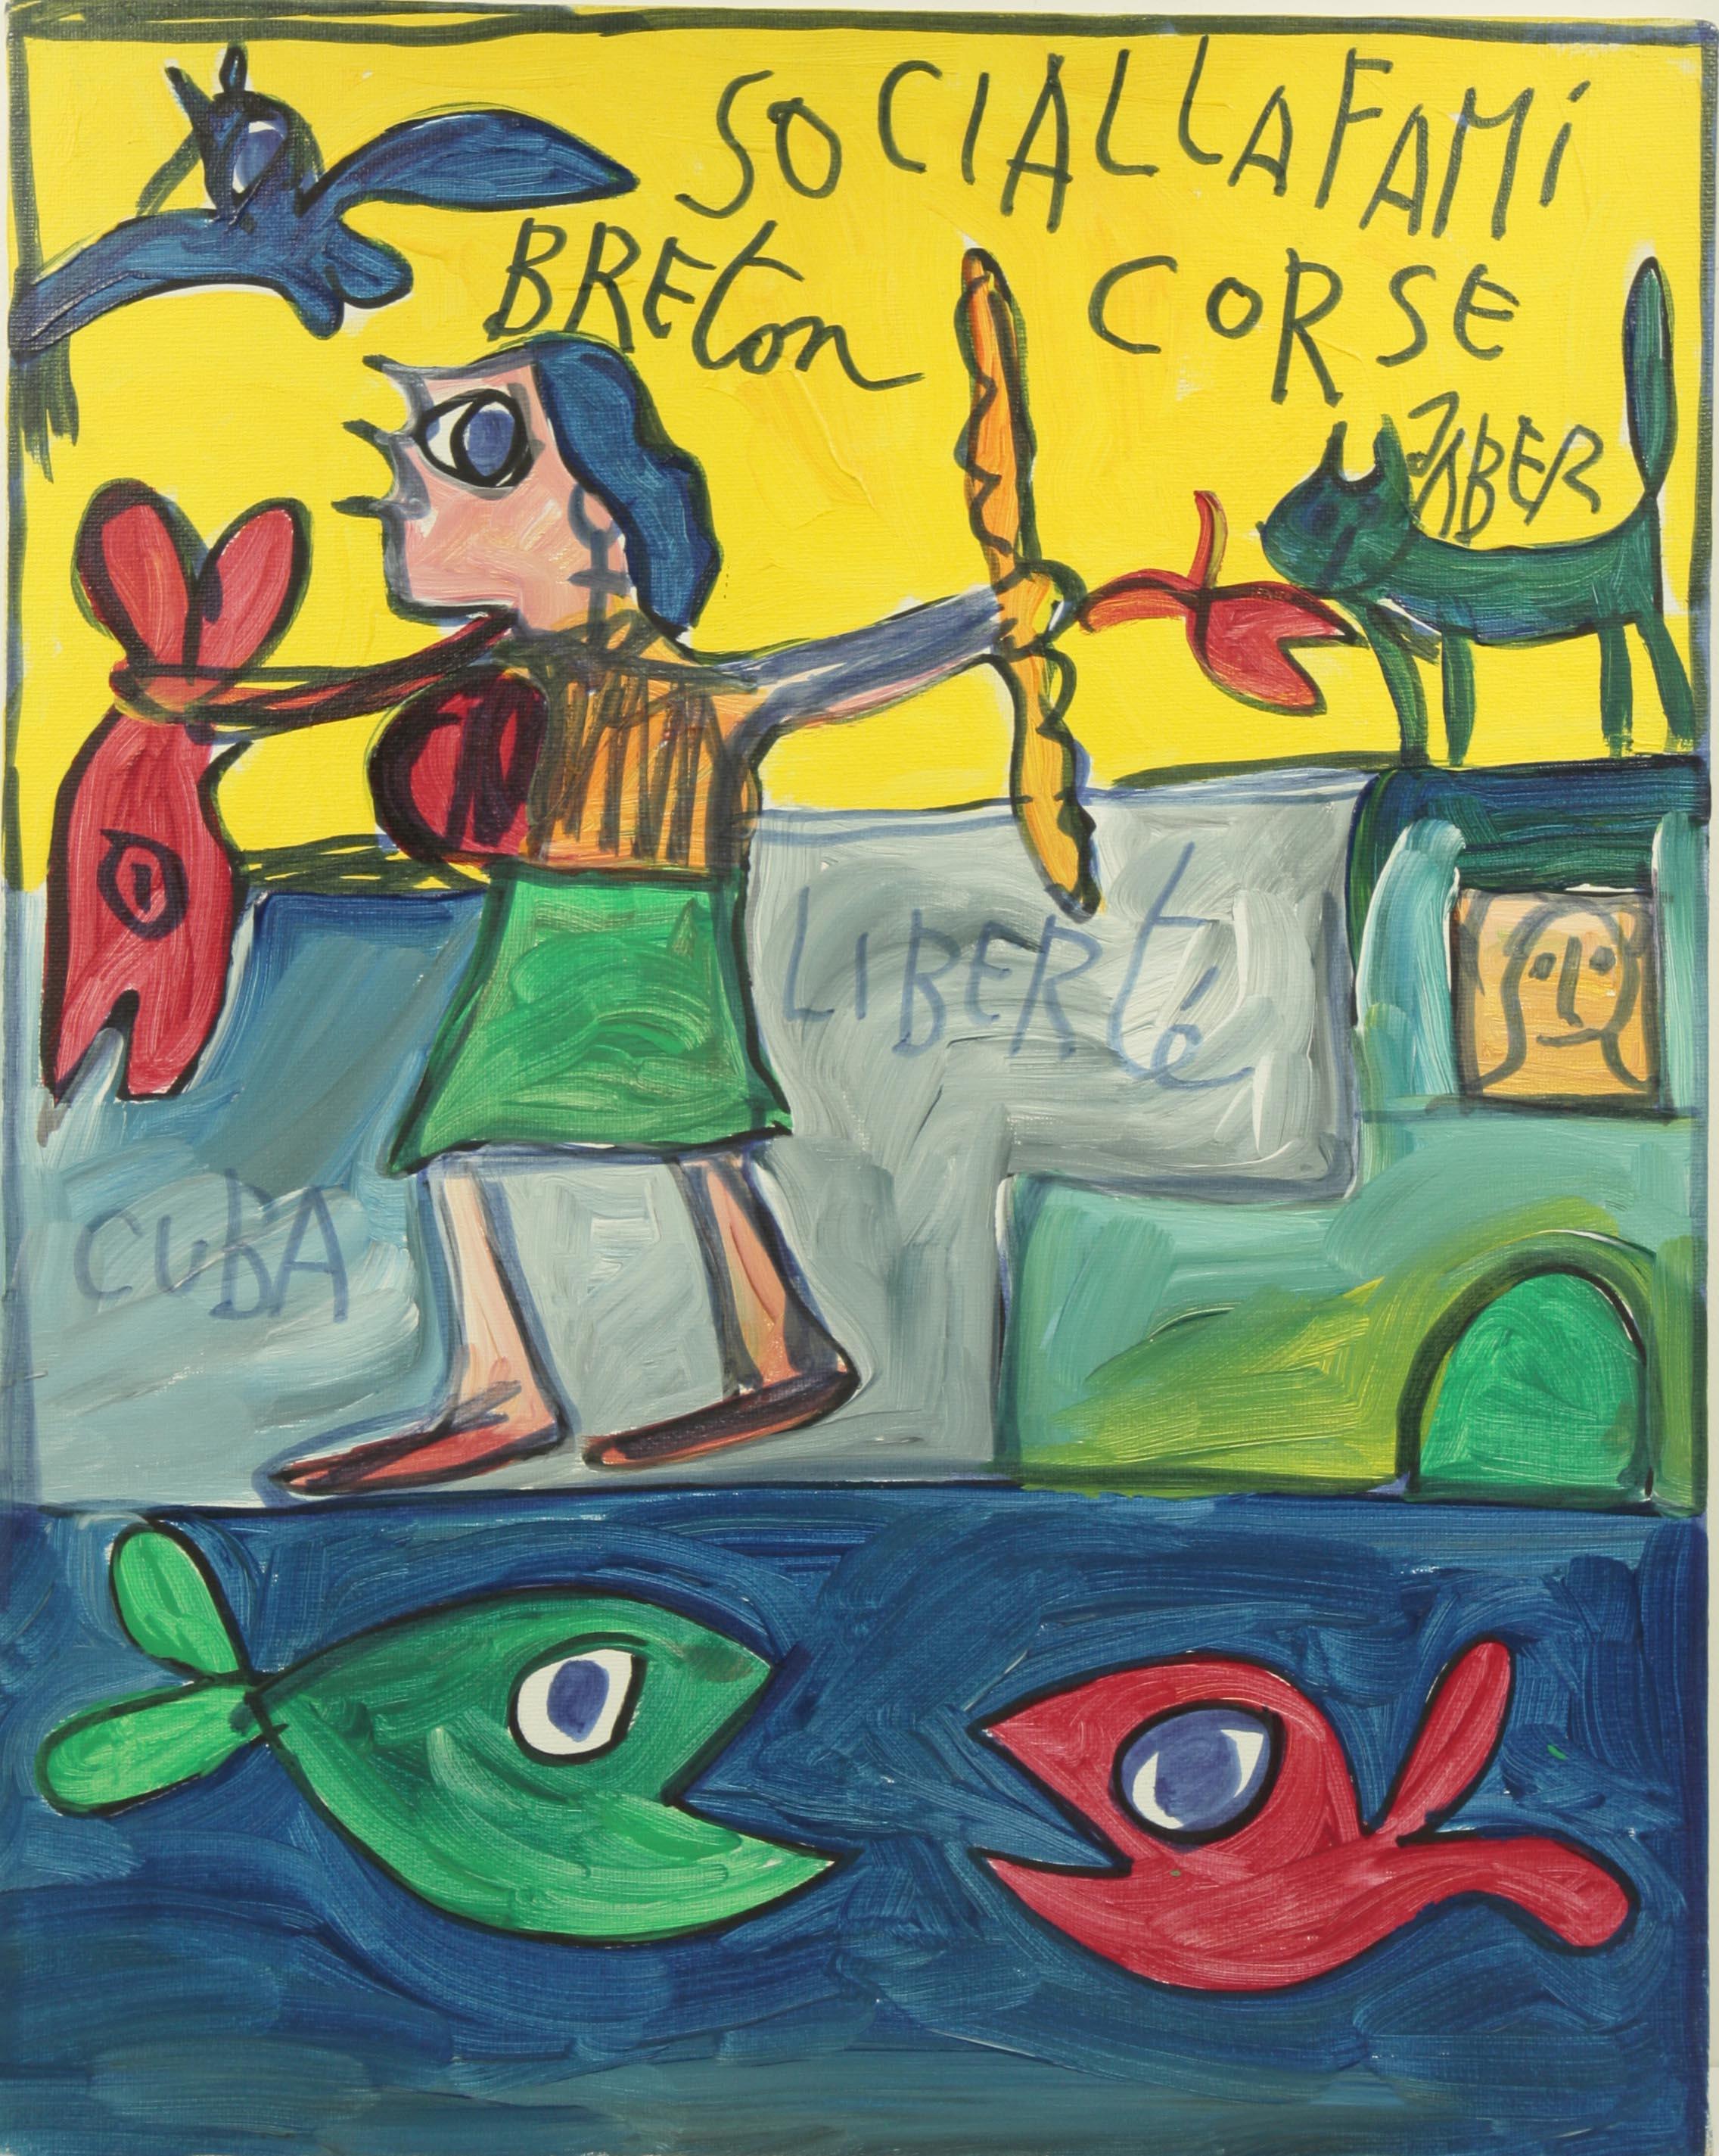 Jaber Breton Corse Acrylique Sur Toile 20022005 150 Galerie